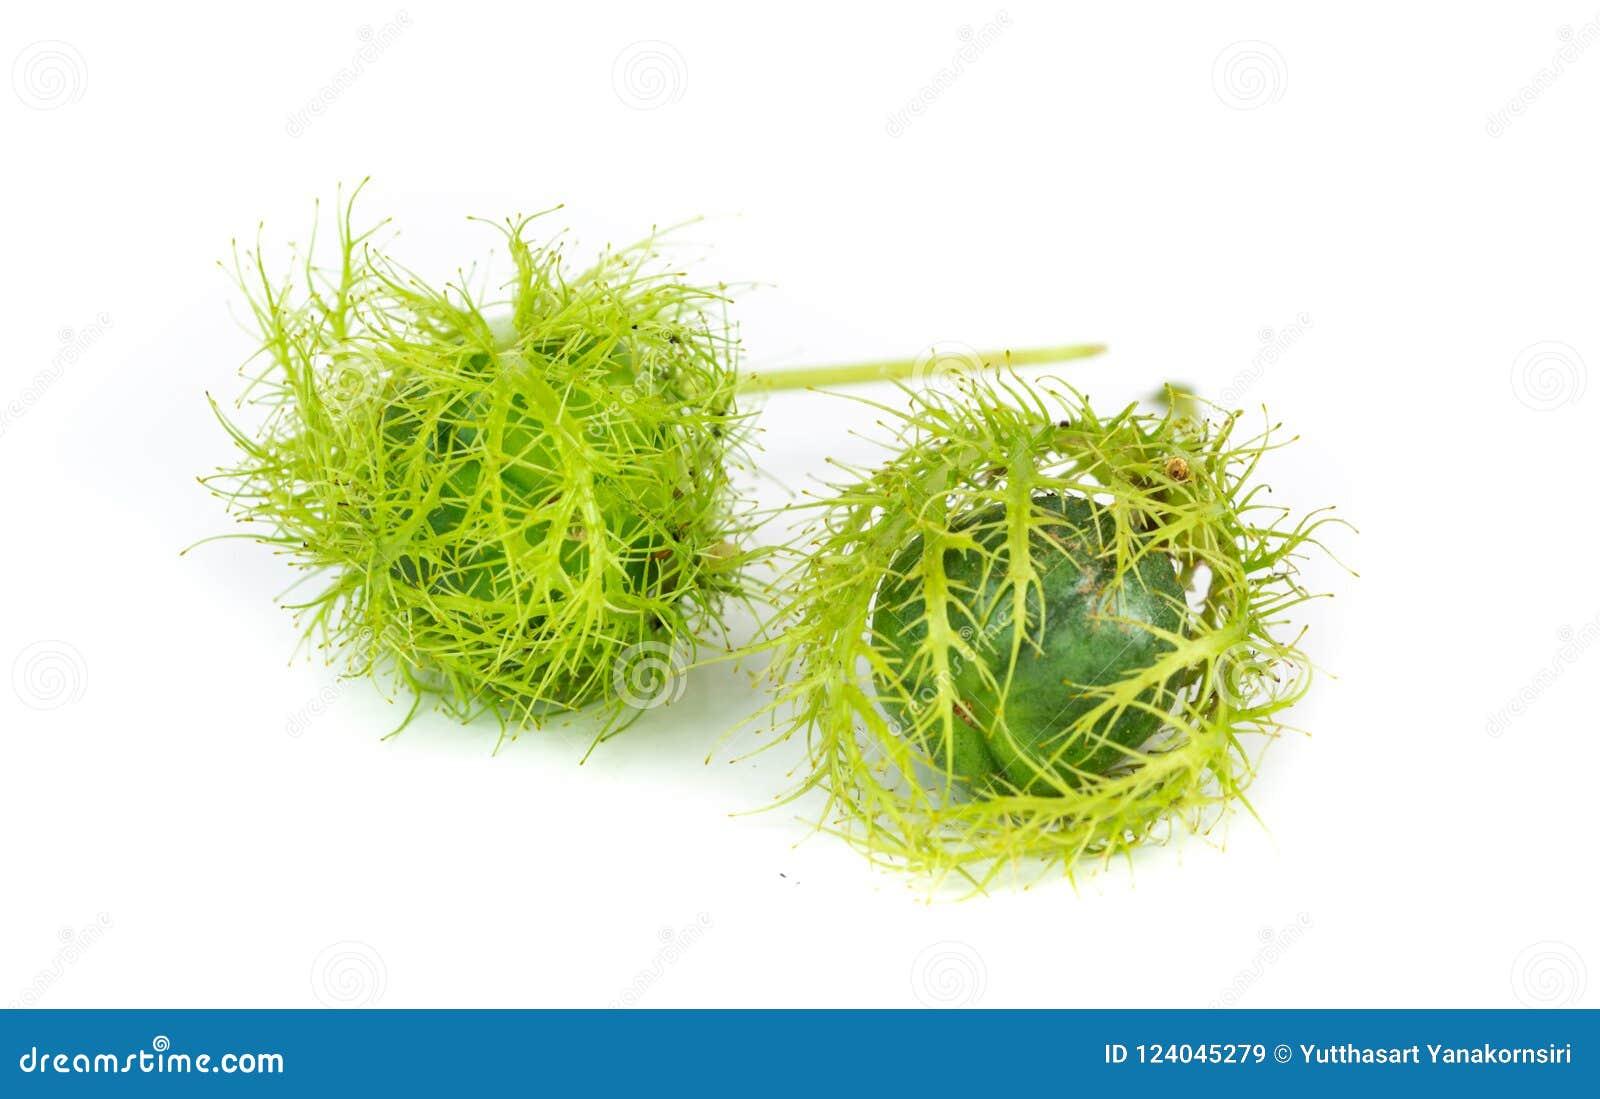 Passiflora foetida lub mgły passionflower na bielu plecy